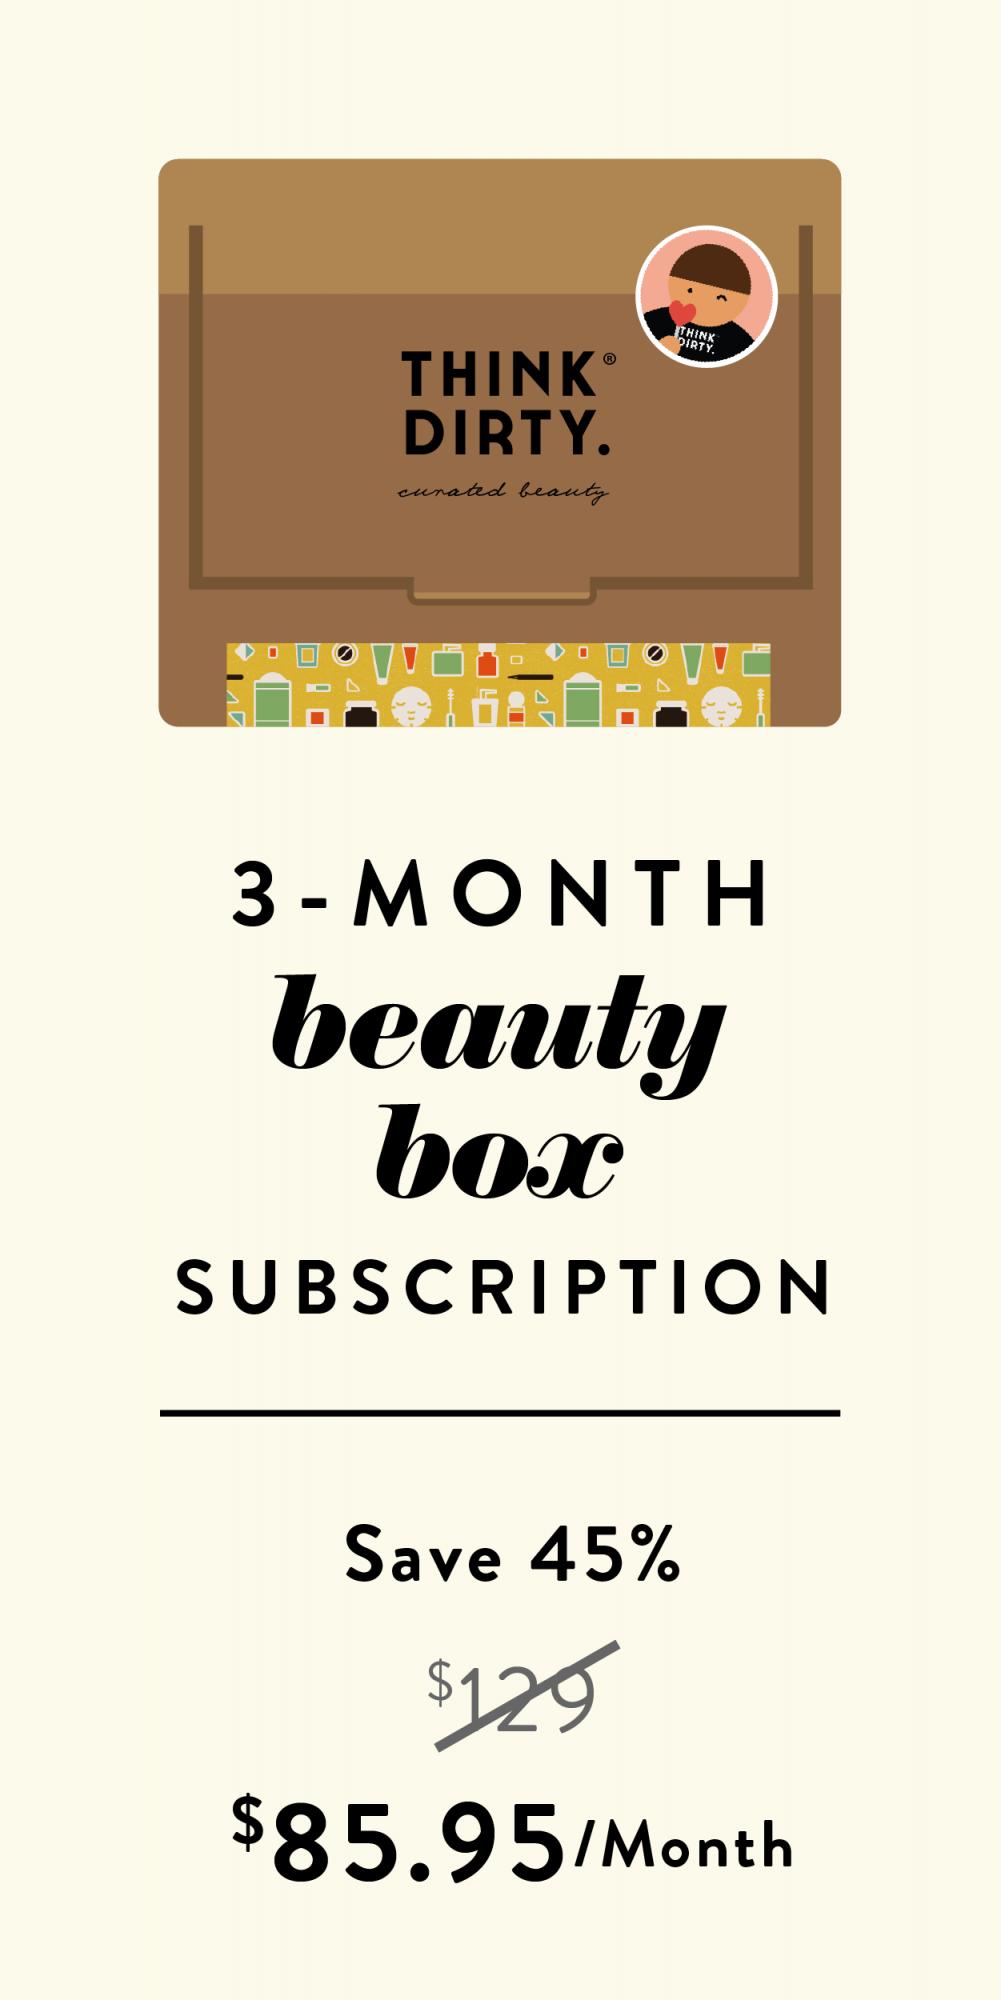 3 month beauty box